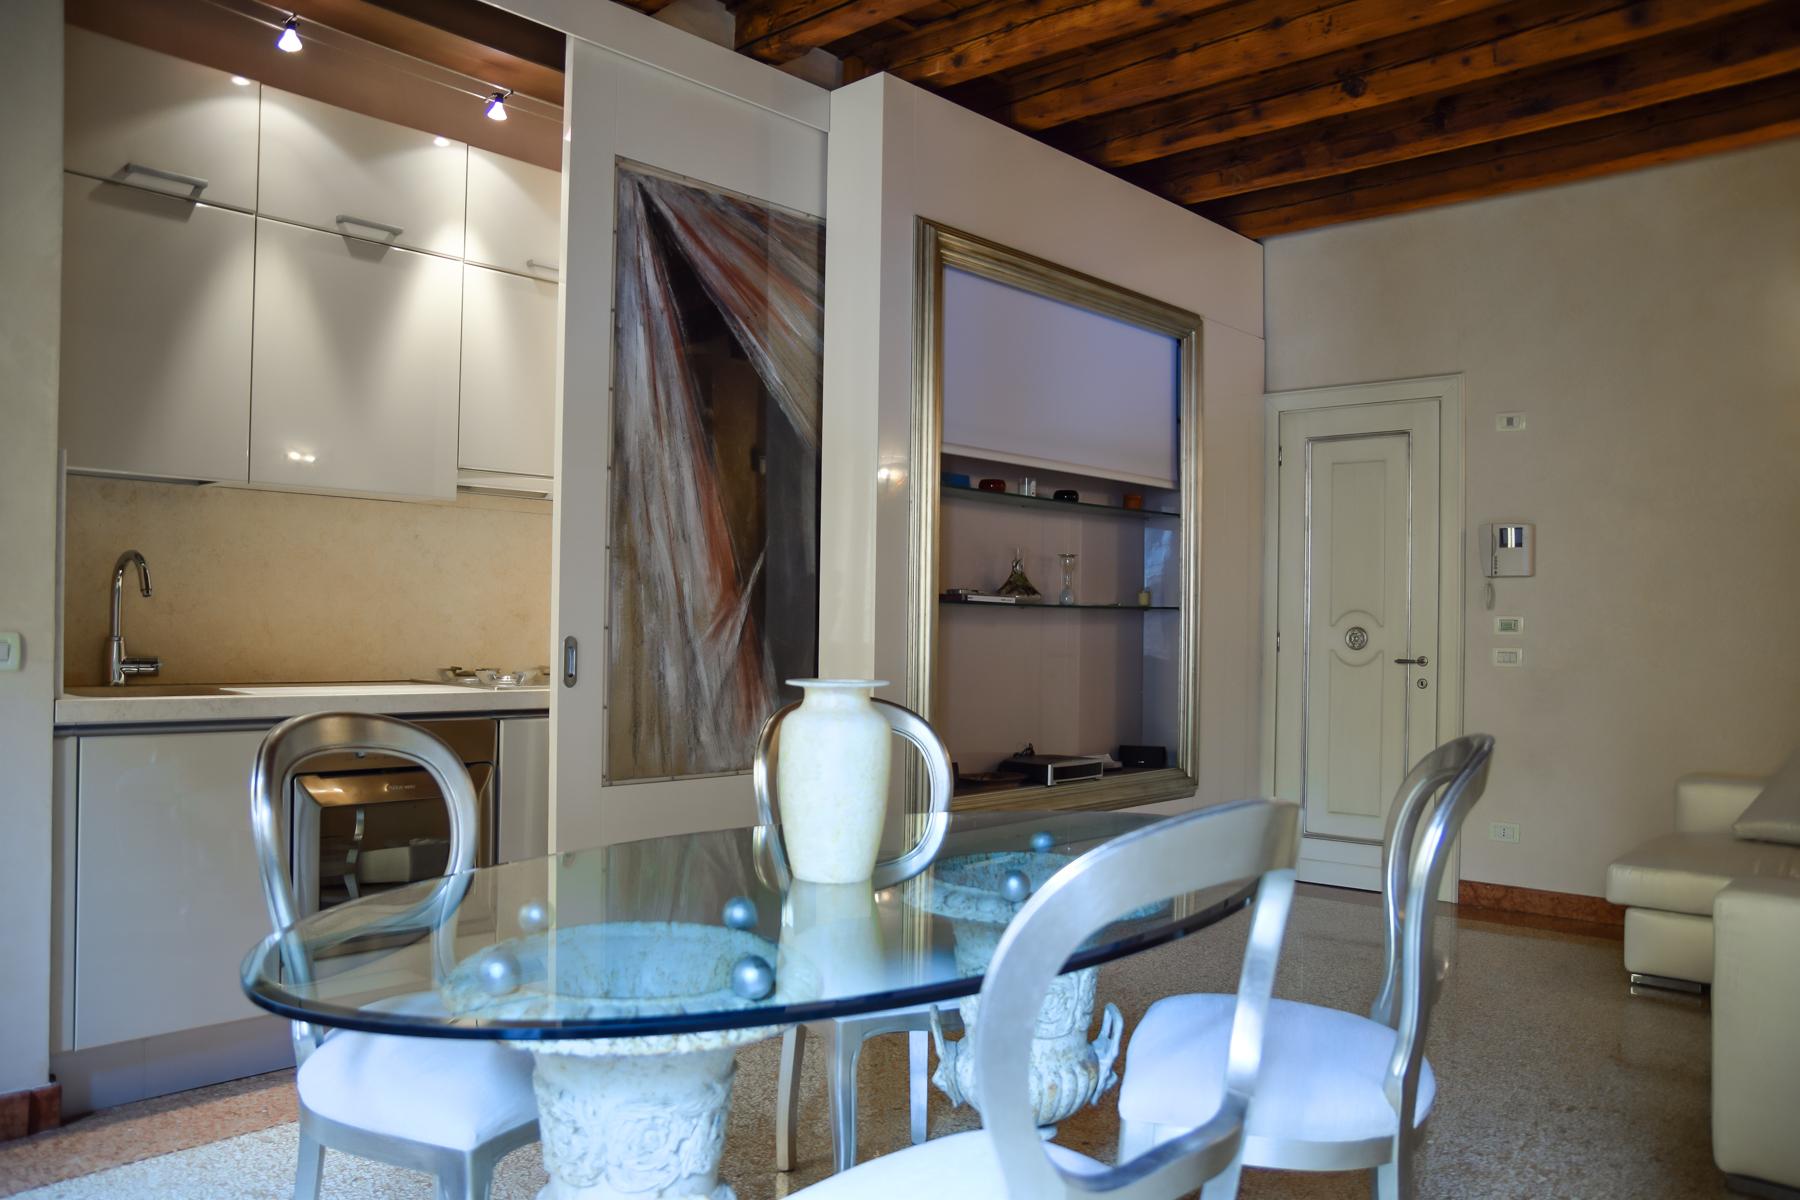 Appartamento in Vendita a Verona: 3 locali, 75 mq - Foto 4